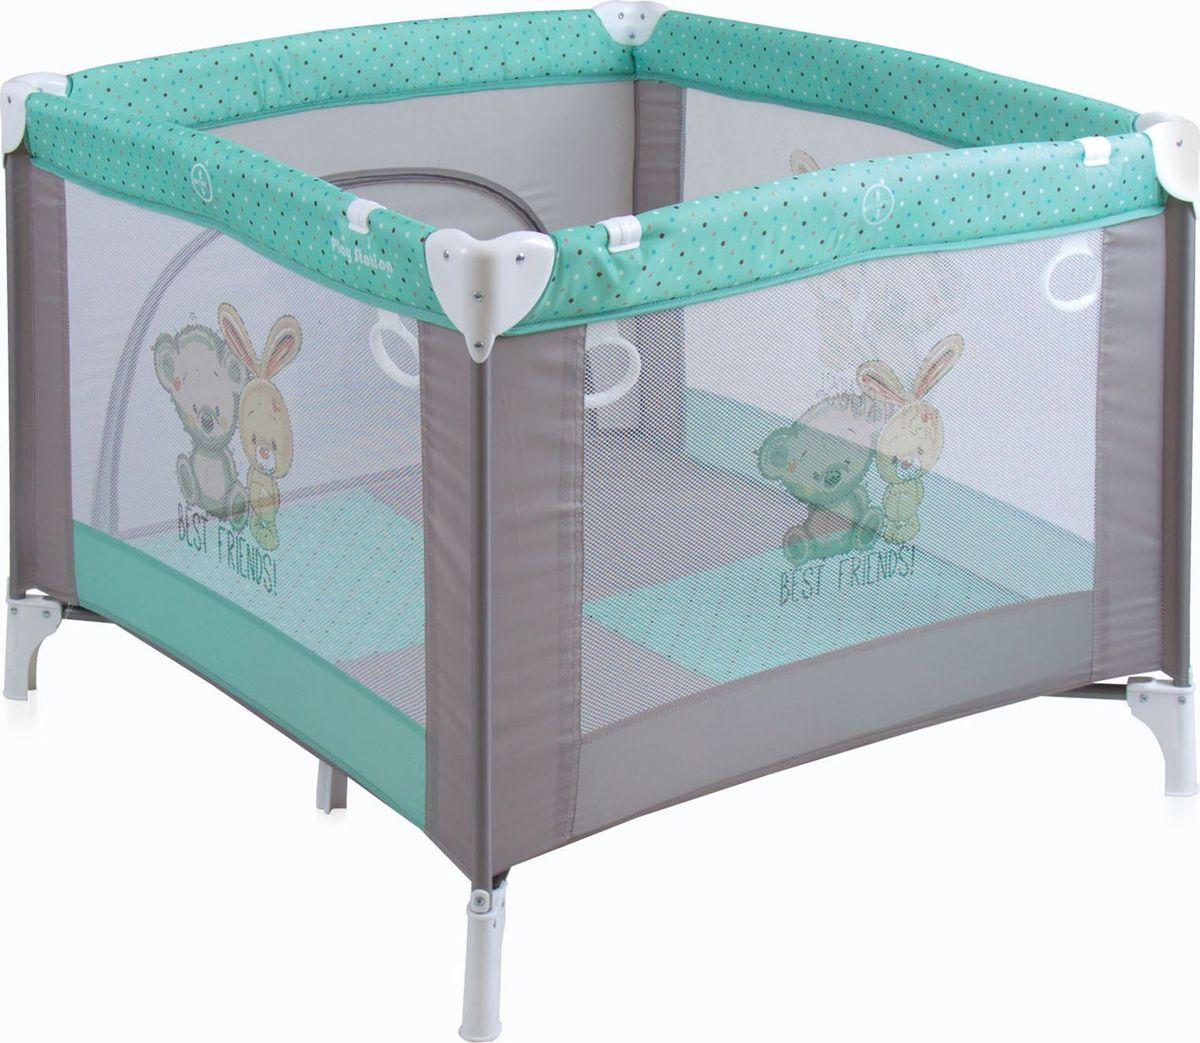 Lorelli Манеж Play Station цвет серый зеленый3800151904694Детский манеж Bertoni Play Station выполнен в современном стиле, компактен в сложенном виде. Отсутствуют острые углы, ткань приятная на ощупь.Особенности:-Квадратный просторный манеж.-Травмобезопасная конструкция.-Центральная ножка для обеспечения безопасности.-Легко складывается в компактную, удобную для переноски сумку. -Яркие, прочные, легкомоющиеся тканевые части.-Специальные кольца на боковинках для помощи малышу научиться вставать.-Сетчатые вставки в боковинах для лучшей вентиляции и обзора.-Отстегивающийся боковой лаз, чтобы малыш мог сам забираться в манеж и выбираться из него.